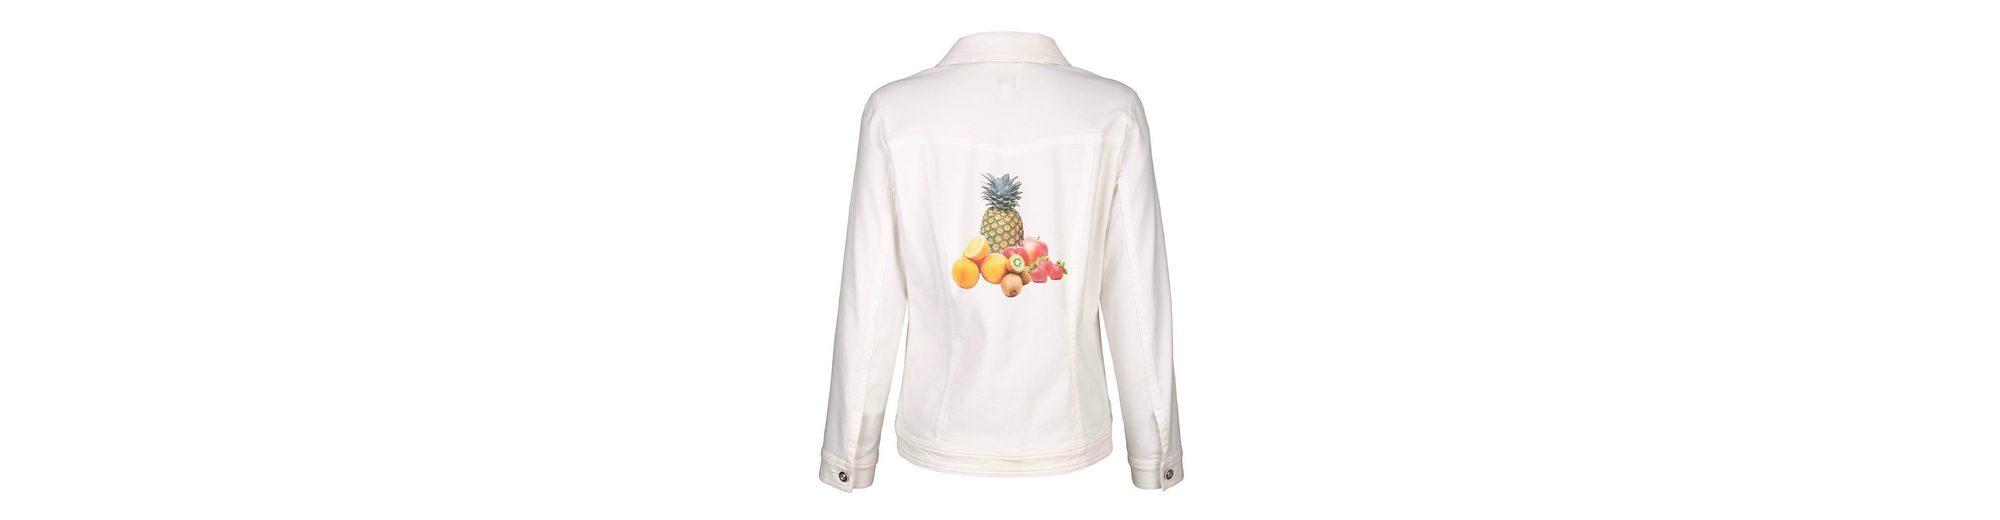 Dress In Jeansjacke mit Früchtedruck Geniue Händler Günstiger Preis Steckdose Echte Verkauf Rabatte Rabatt Vorbestellen Echt Günstig Online ky6O1nJj1